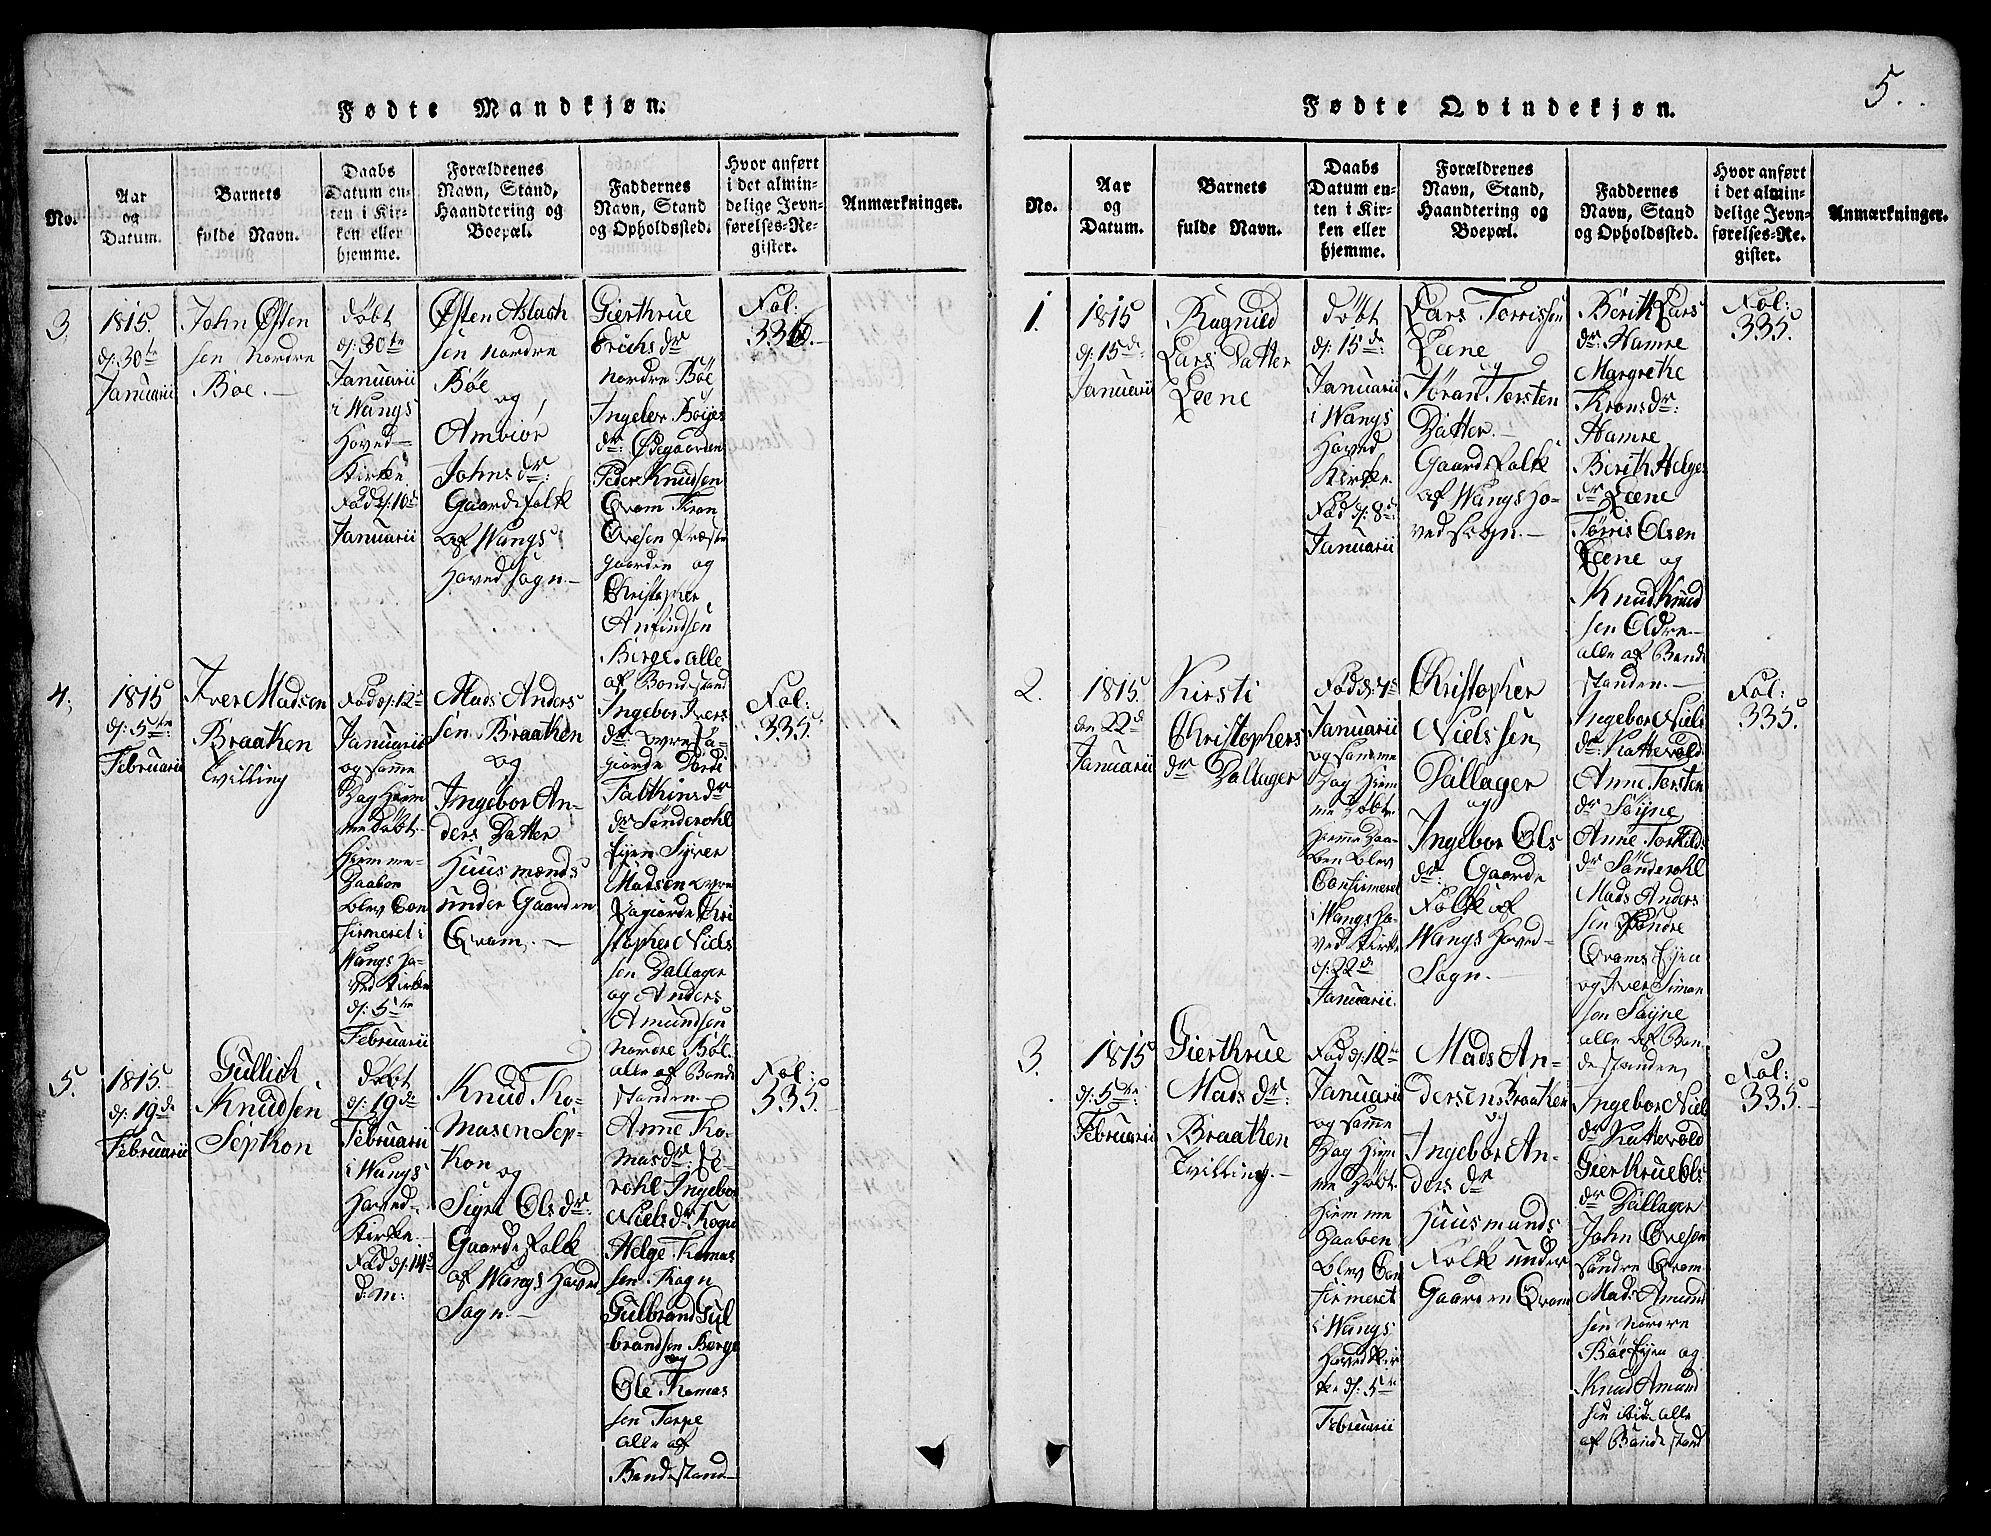 SAH, Vang prestekontor, Valdres, Klokkerbok nr. 2, 1814-1889, s. 5